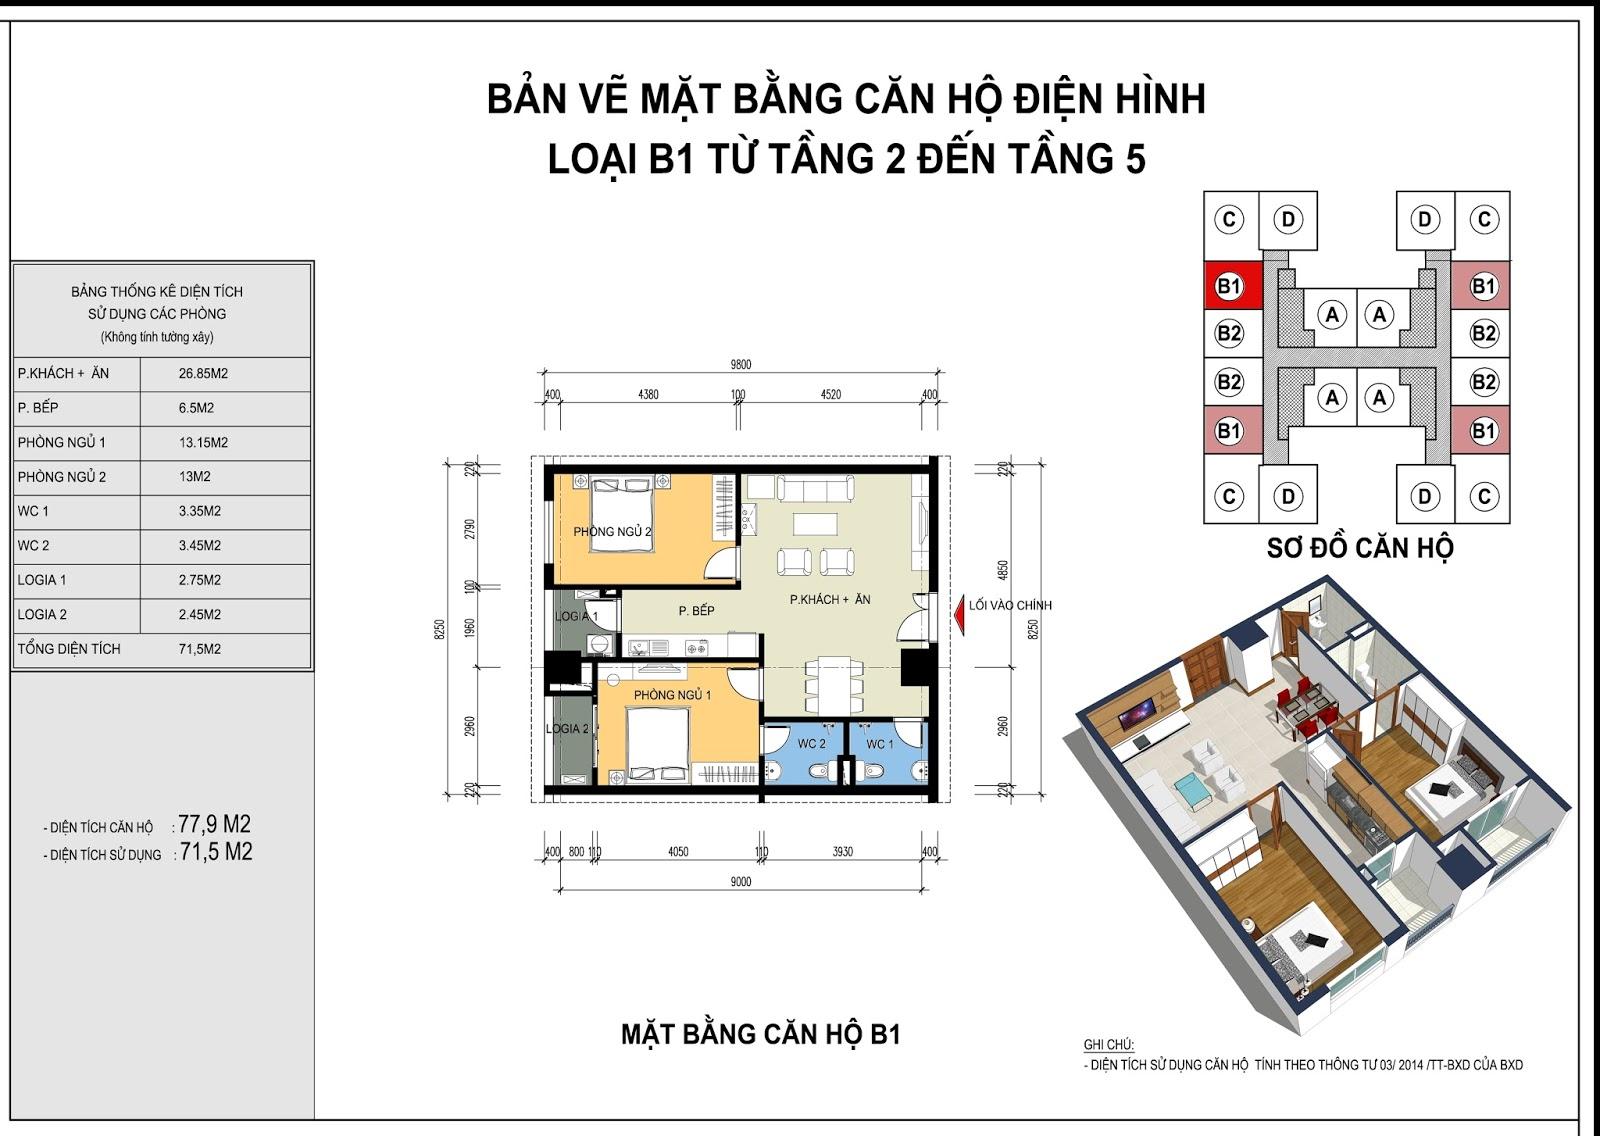 Mặt bằng căn hộ điển hình loại B1 từ tầng 2 - 15